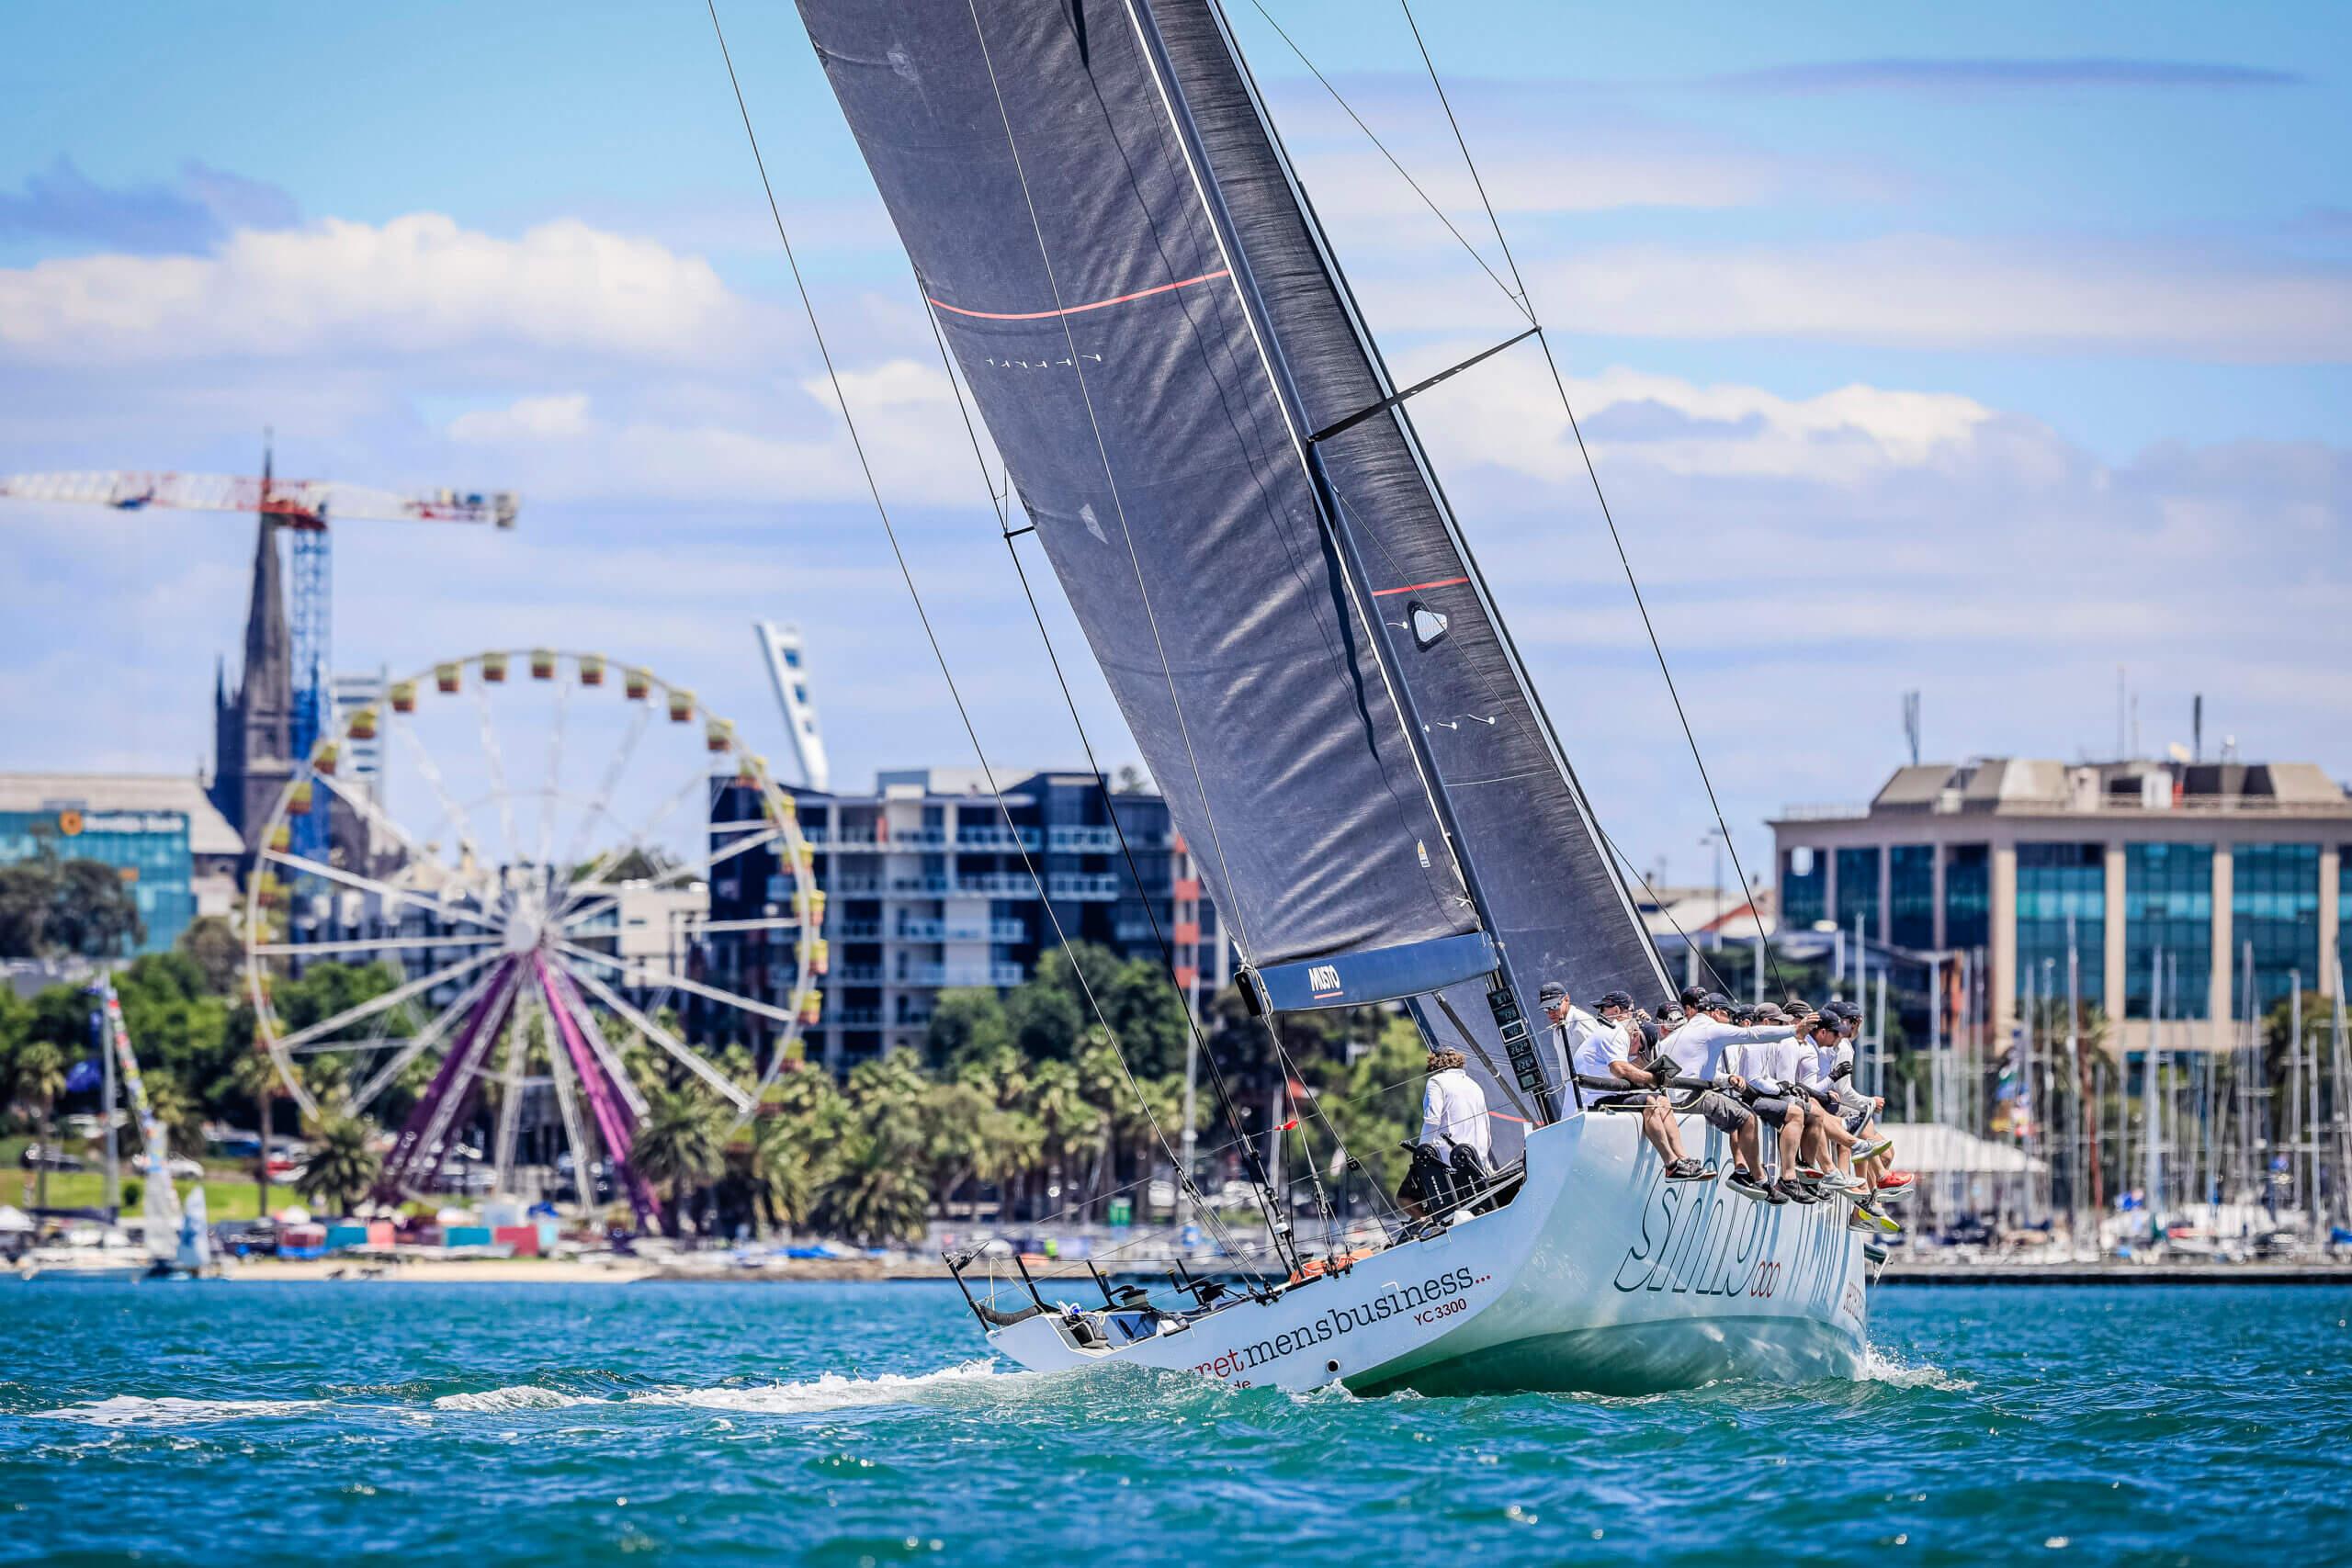 Festival of Sails © Salty Dingo 2019 CRG